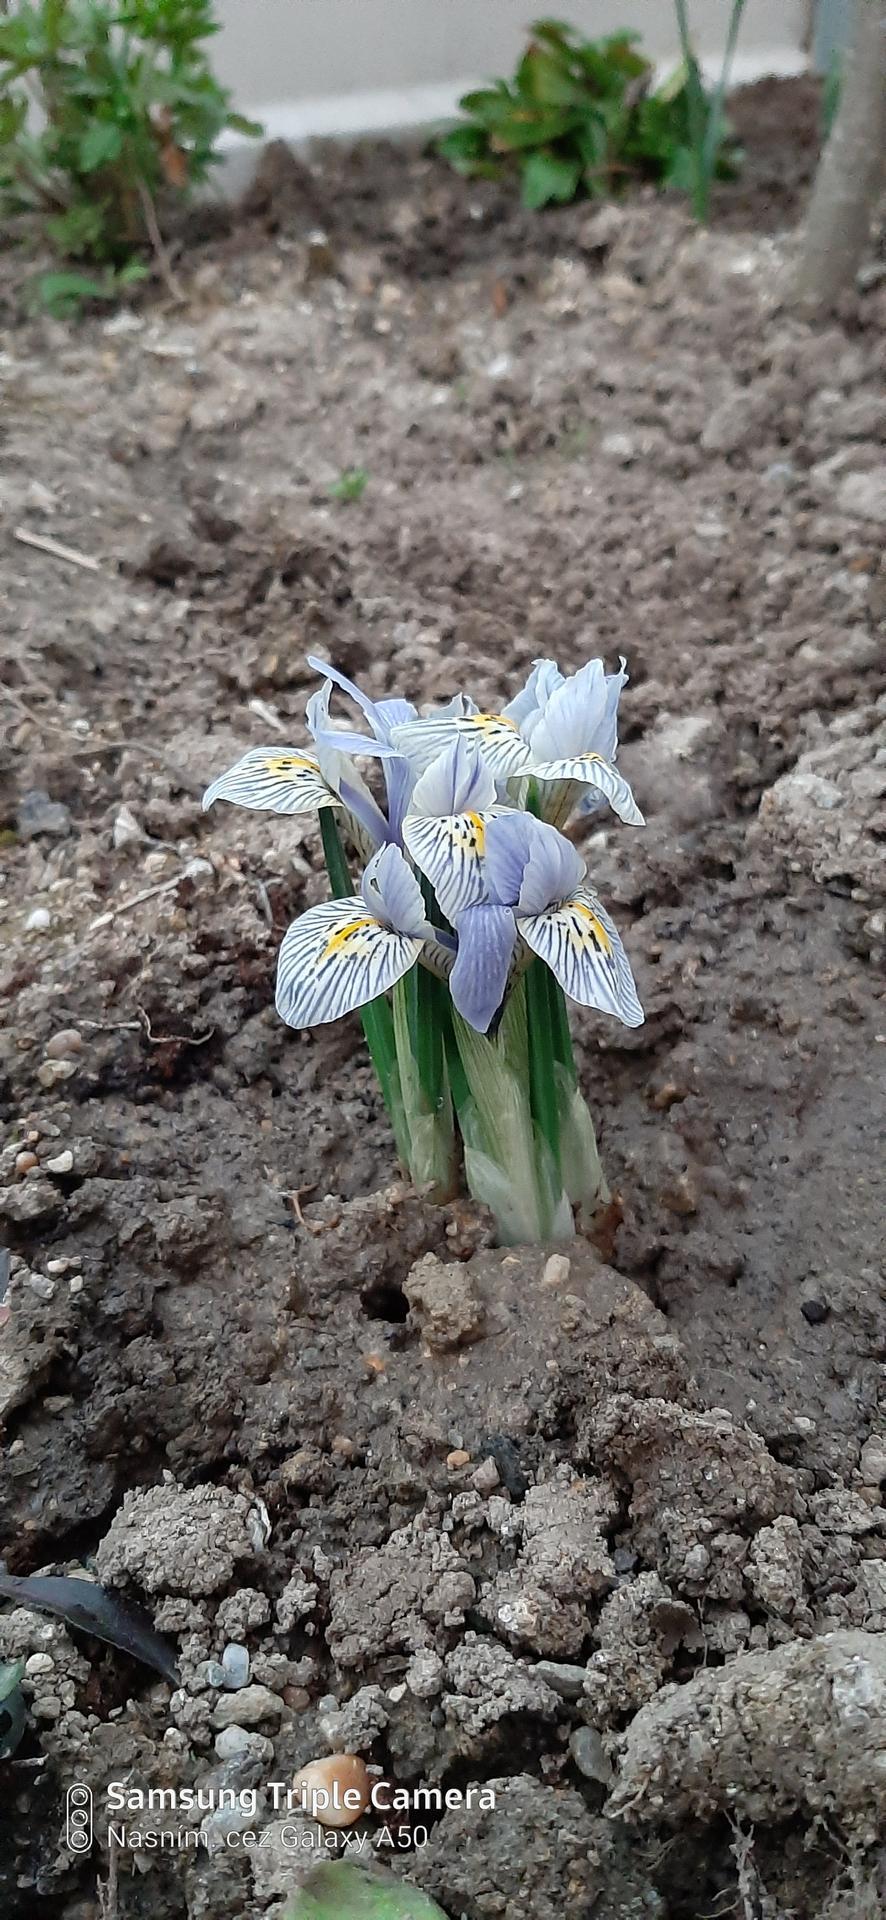 🏠🌞🌺❤🌷 Zahrada a jej dalsi rok...2020 🌱🐞🐛🦋🍓🥕🍅🌺❤ - Iris